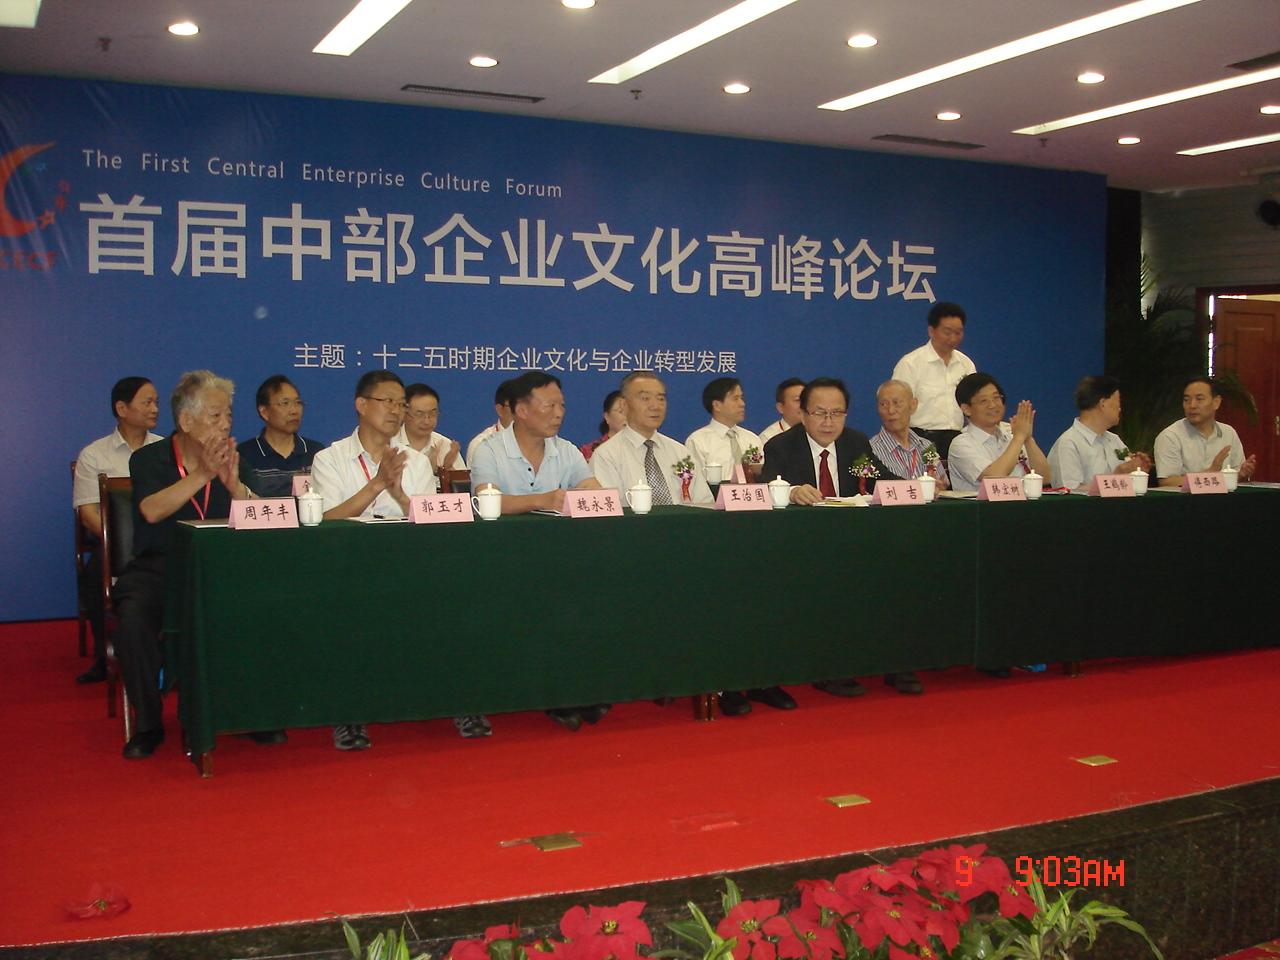 首届中国中部企业文化高峰论坛剪影